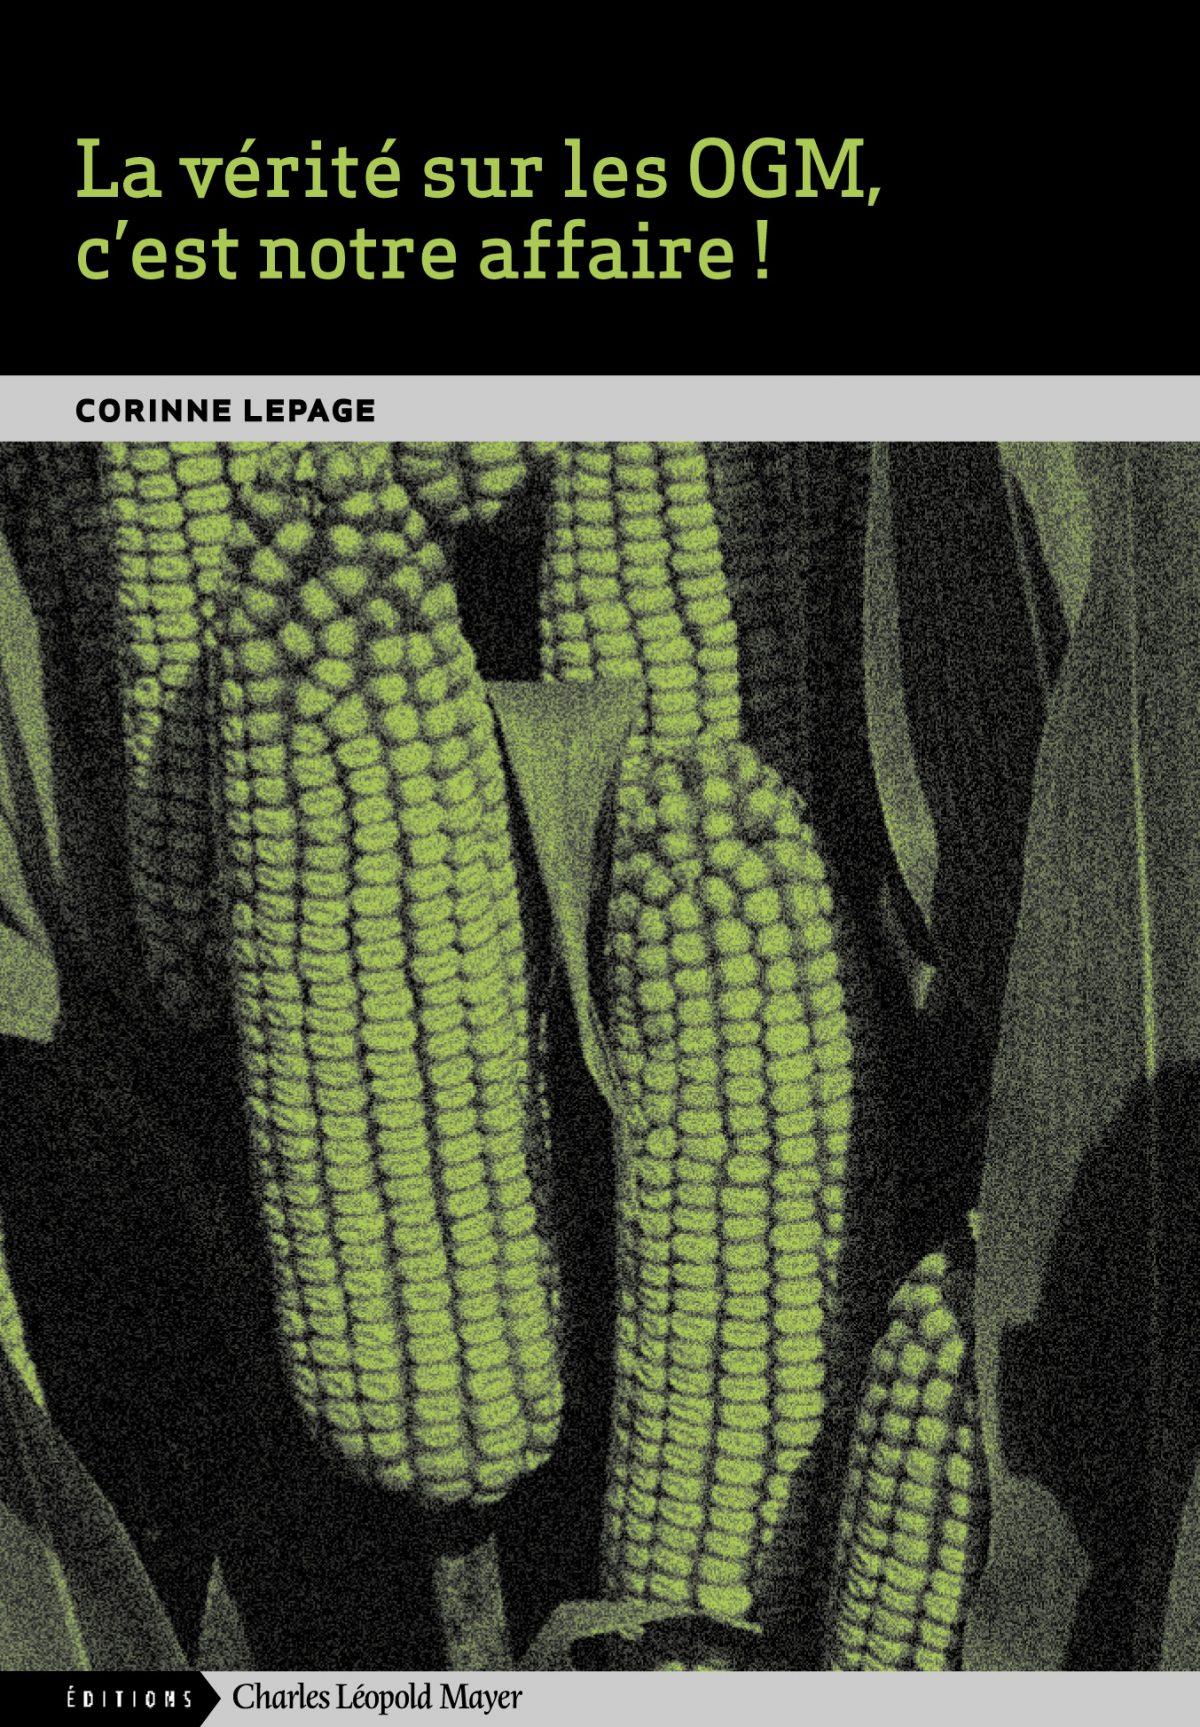 OGM, enfin la vérité